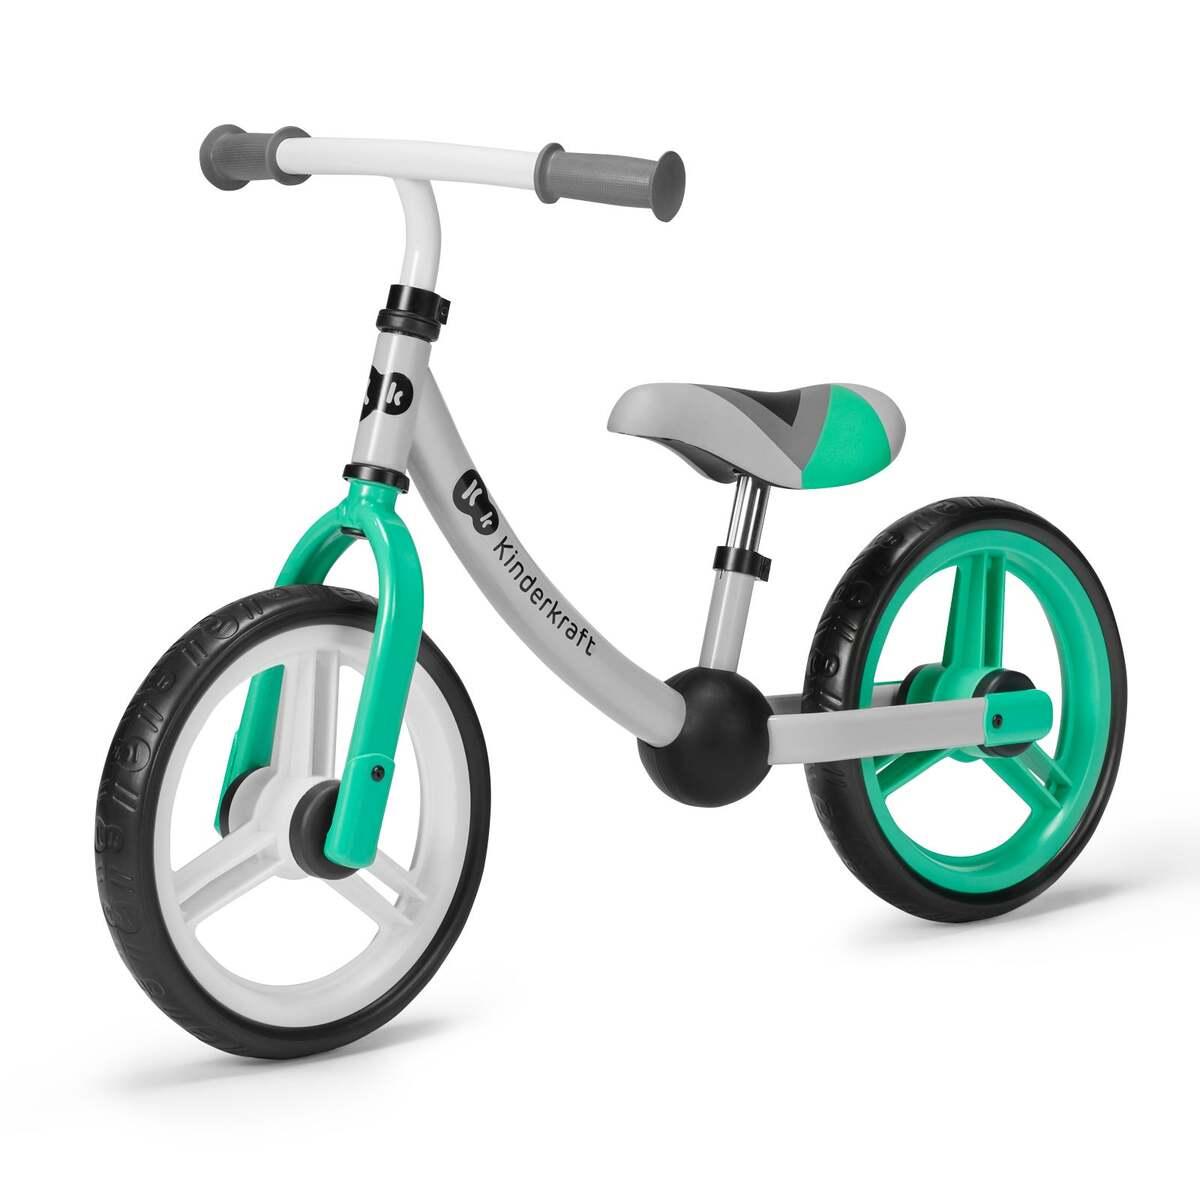 Bild 1 von Kinderkraft 2WAY NEXT-Laufrad green/grey